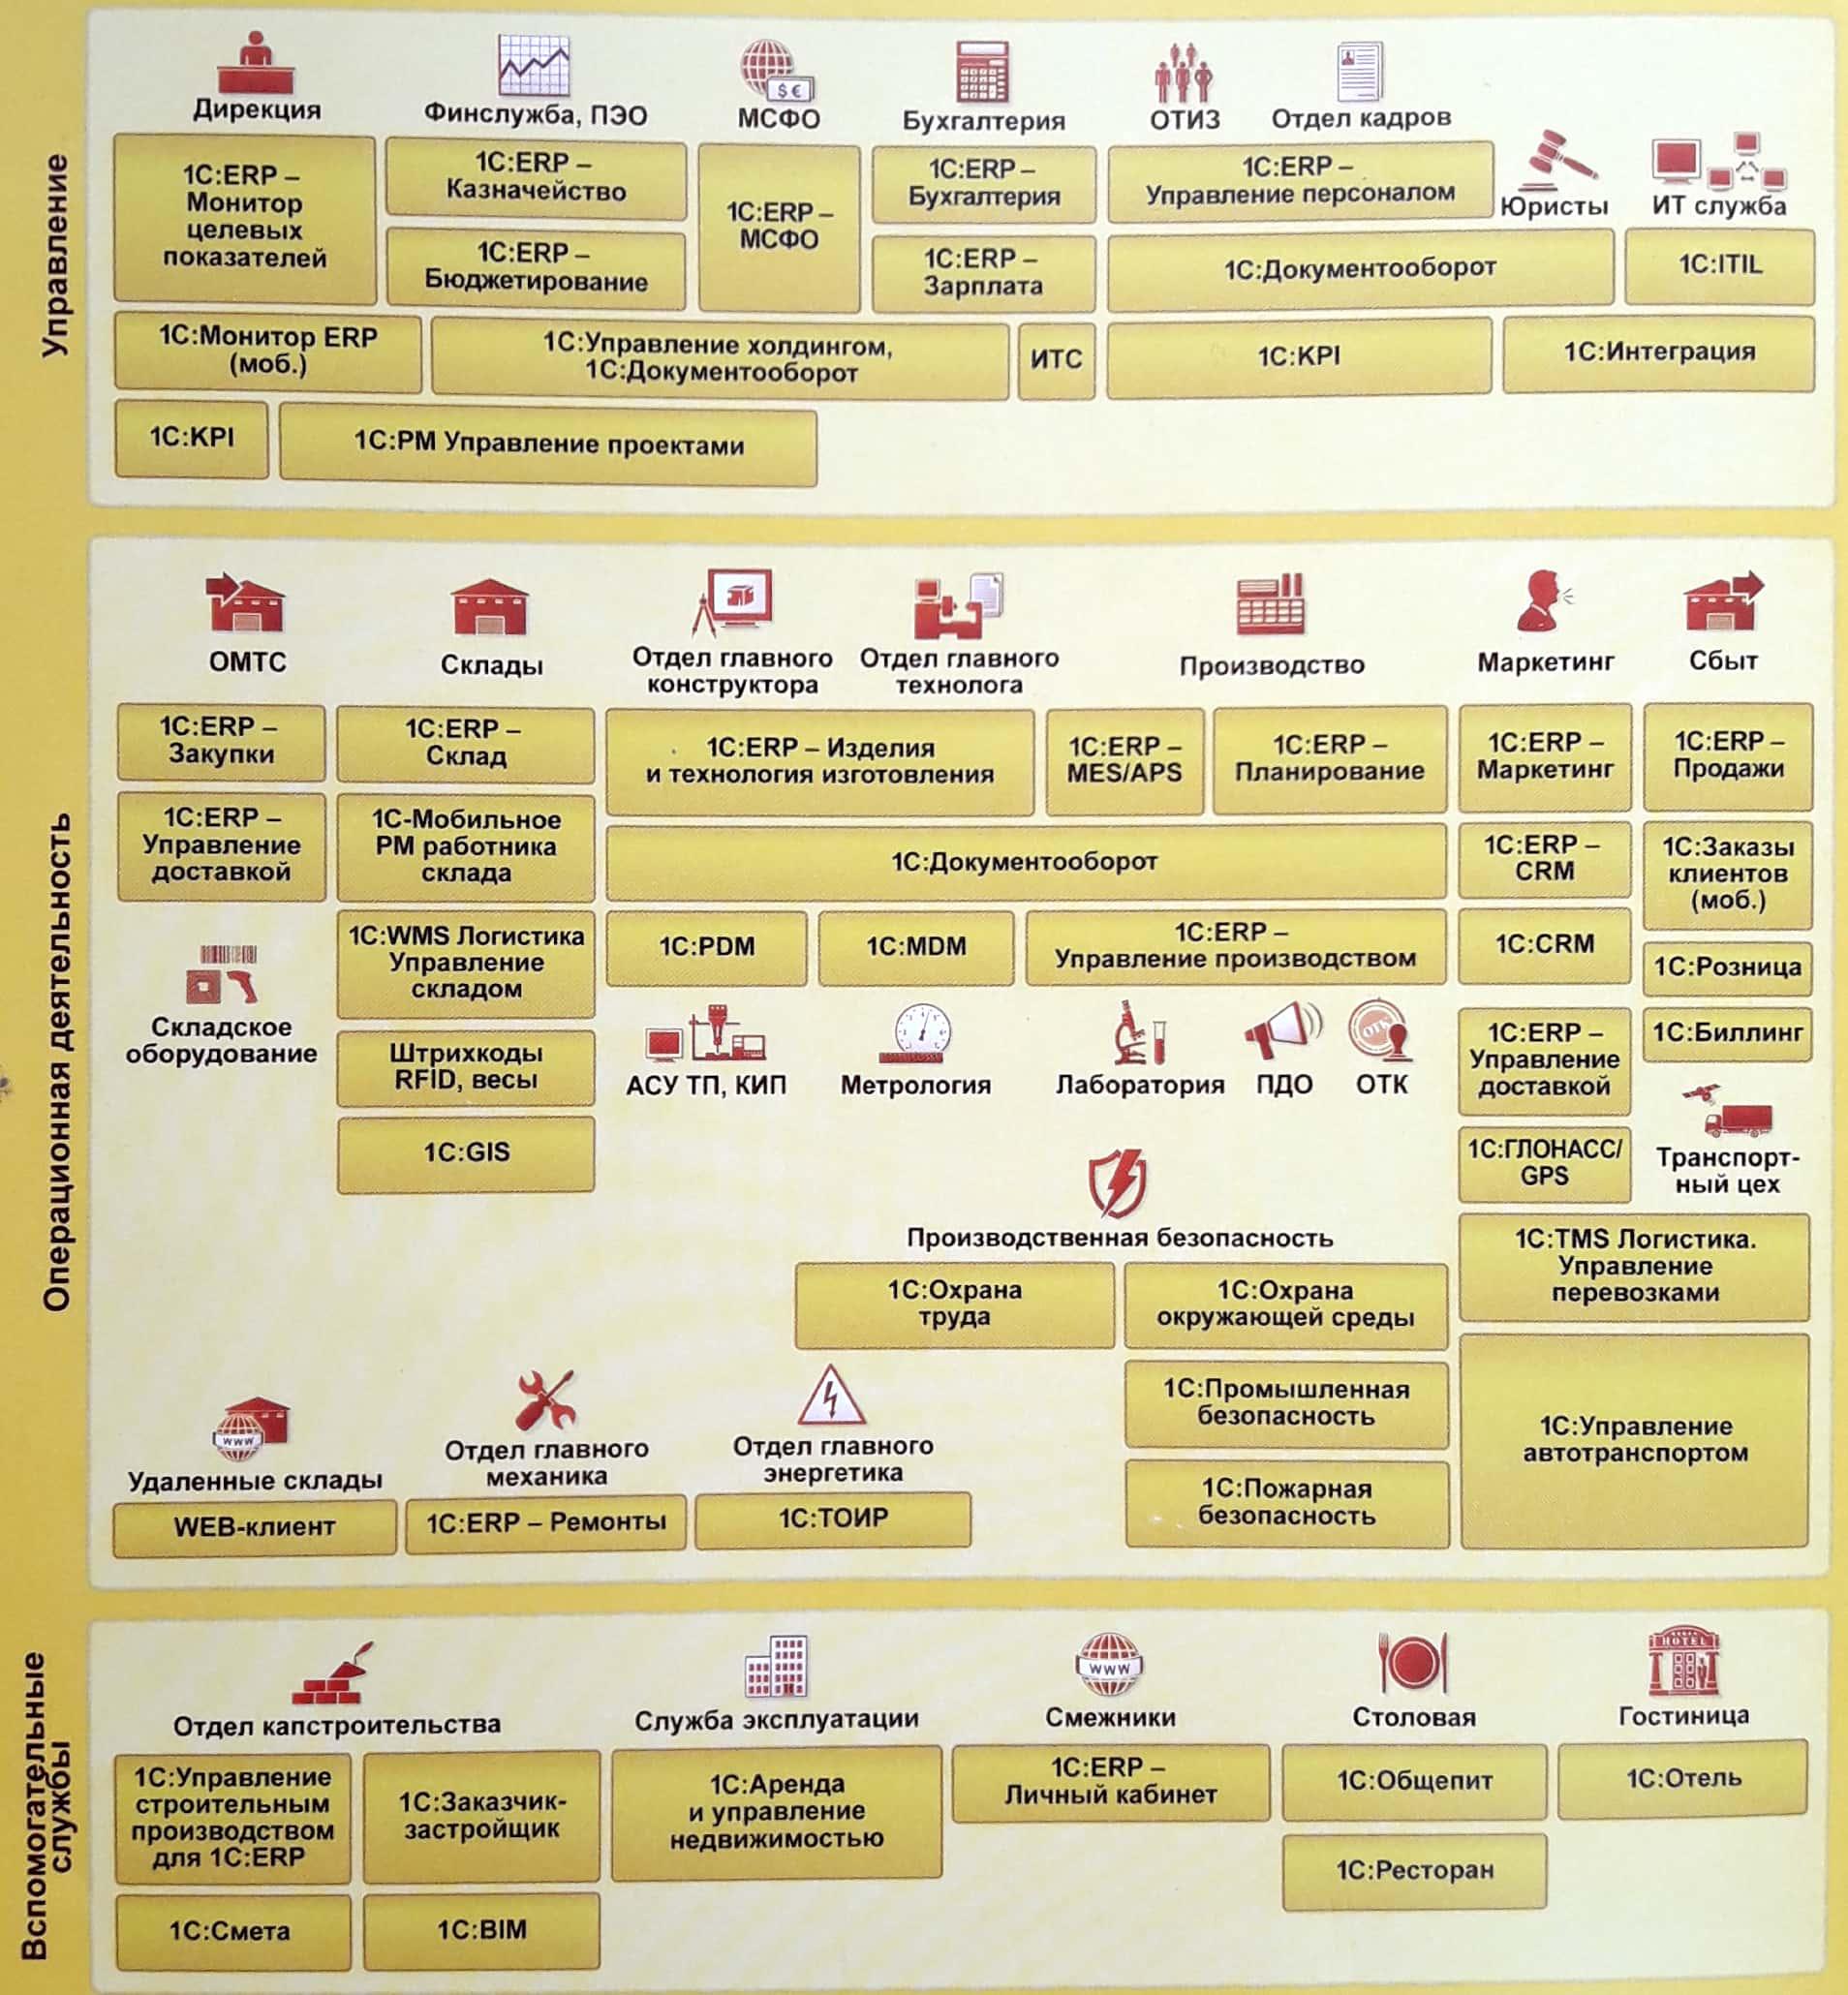 1С: ERP - как выбрать систему управления предприятием - Купить решение